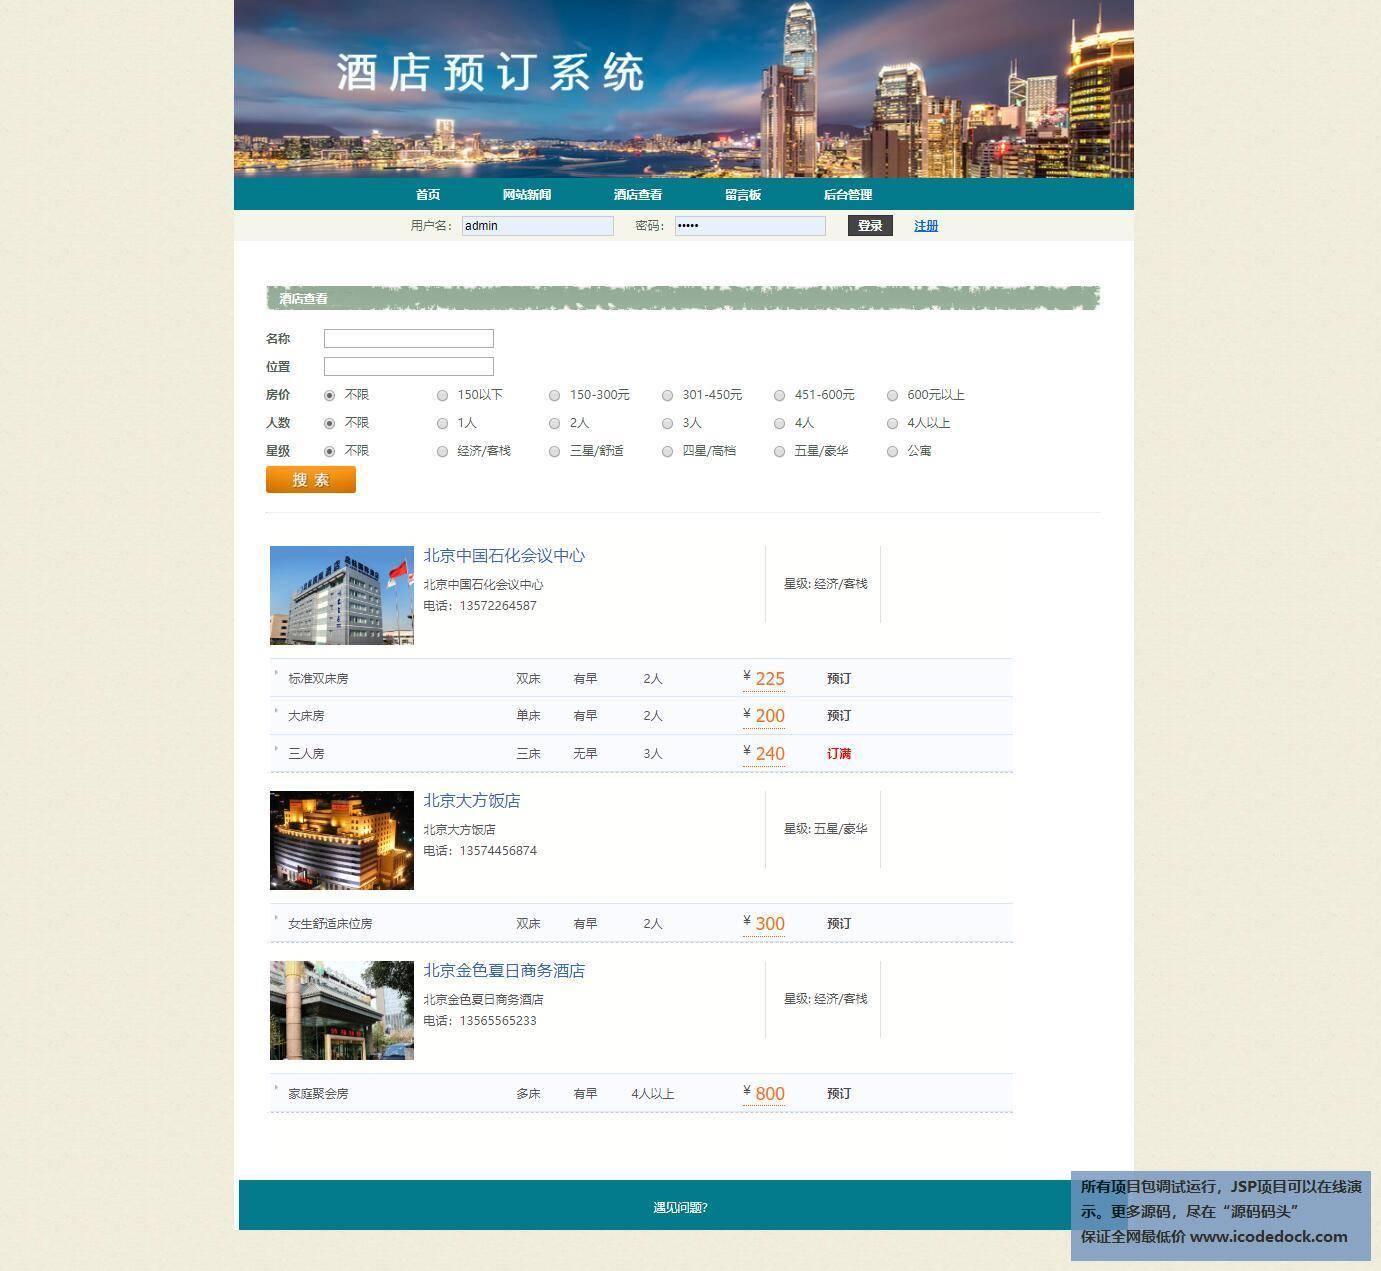 源码码头-JSP酒店预定管理系统-用户角色-酒店查看